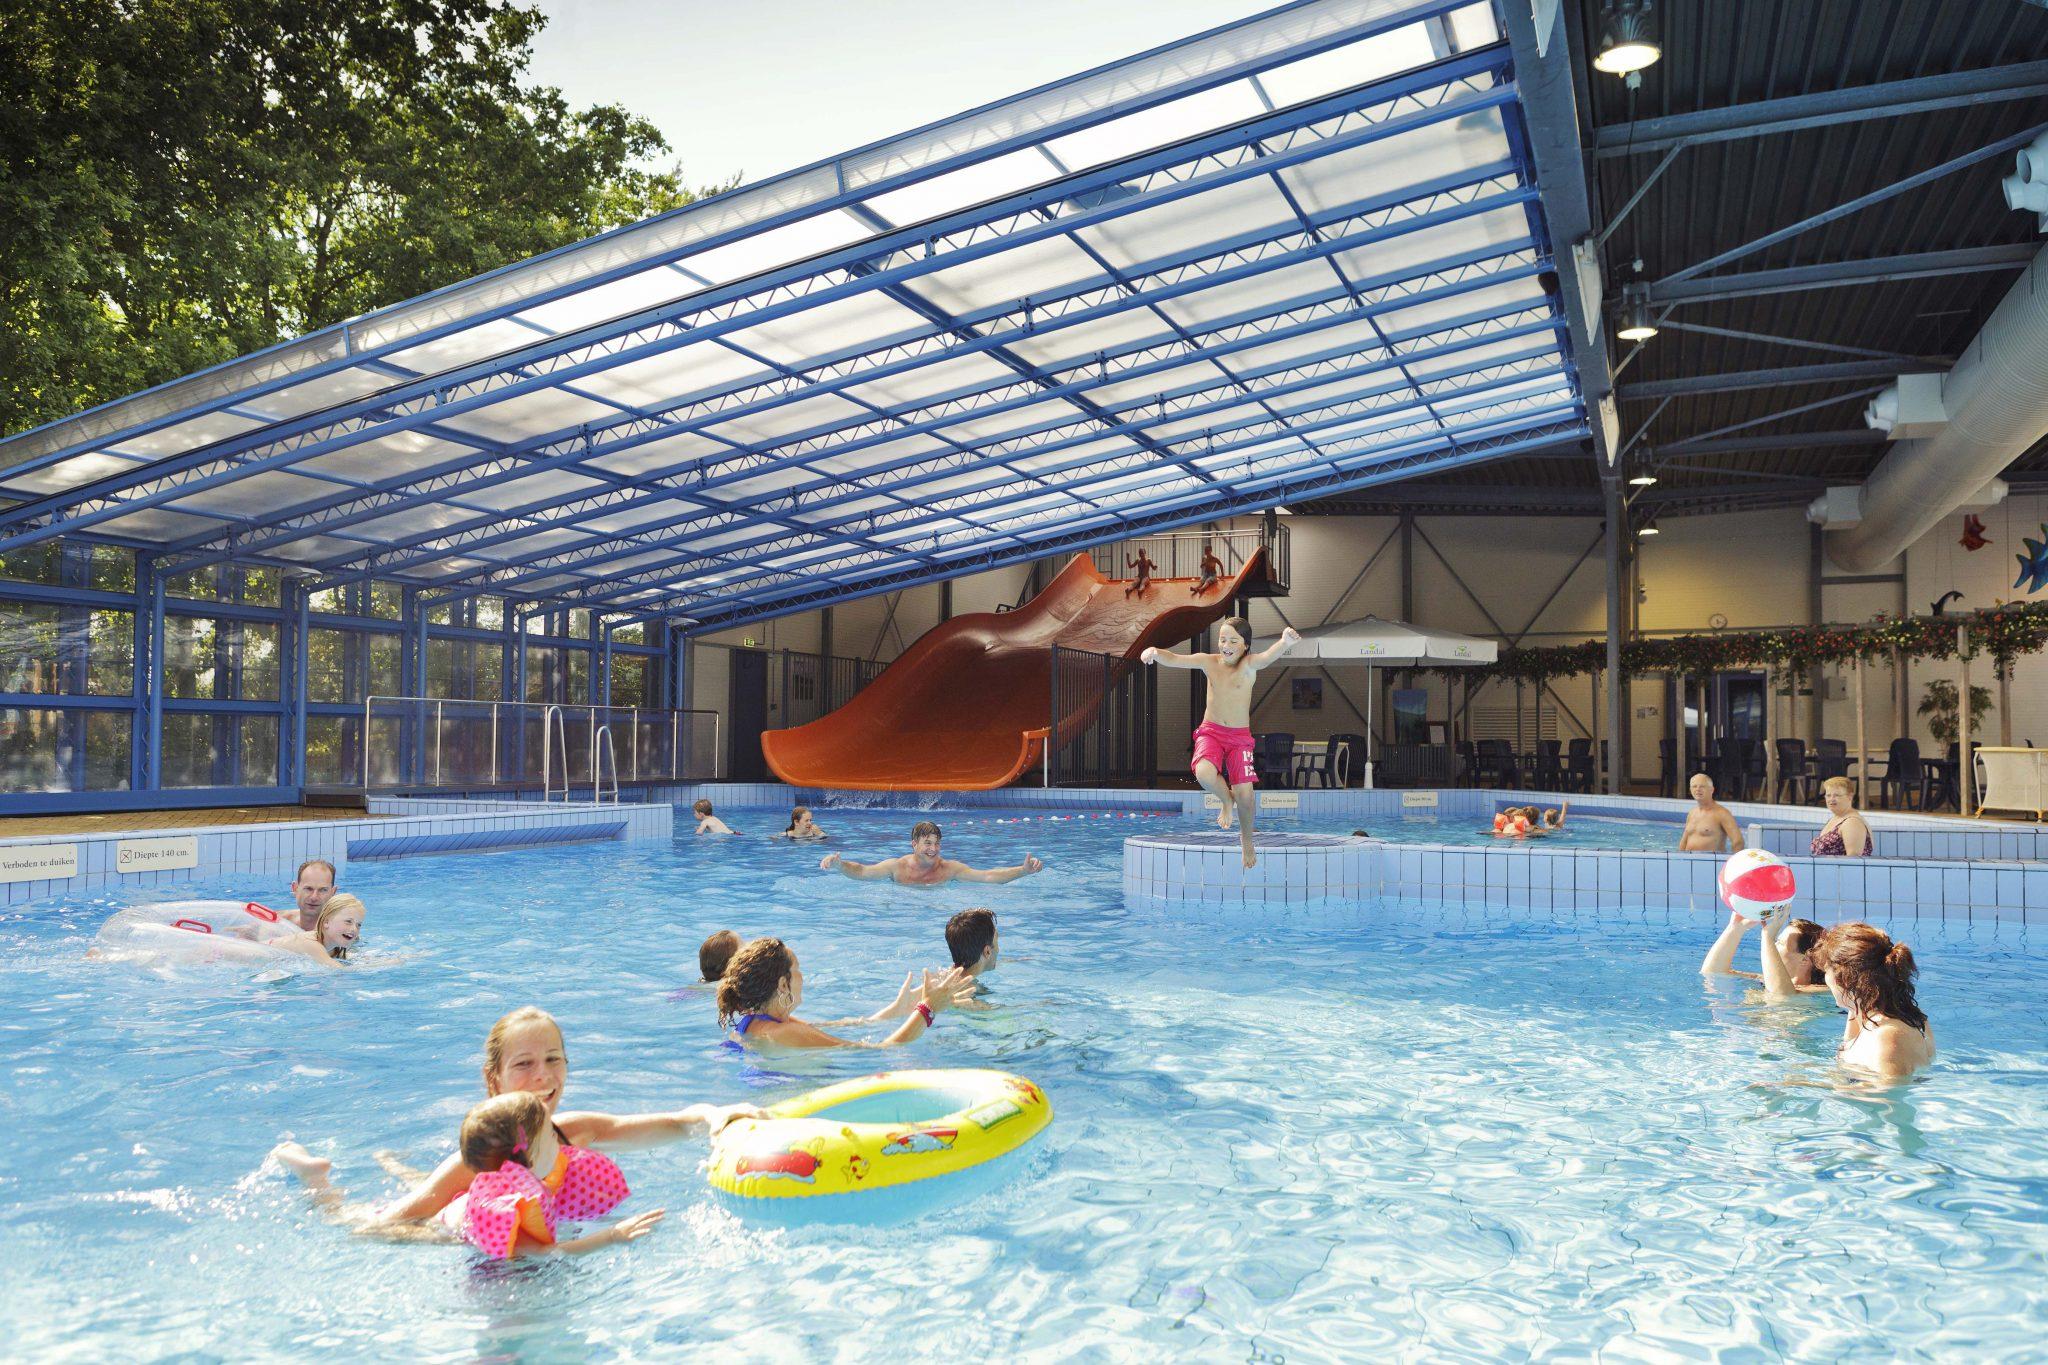 Landal het land van bartje ferienpark ees drenthe niederlande - Fotos van zwembaden ...